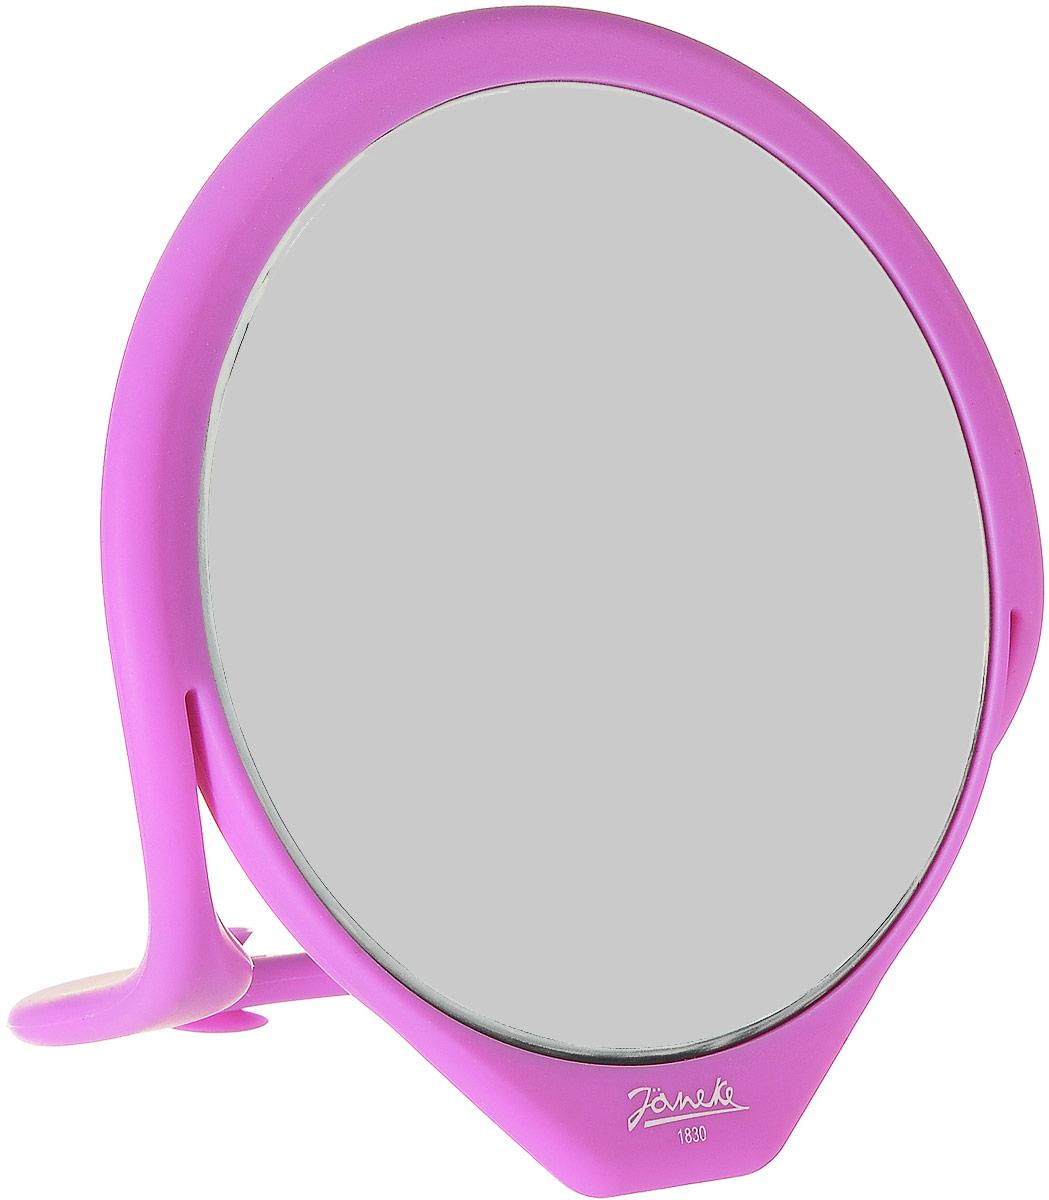 Janeke Зеркало настольное, 10445 RSA808609Марка Janeke – мировой лидер по производству расчесок, щеток, маникюрных принадлежностей, зеркал и косметичек. Марка Janeke, основанная в 1830 году, вот уже почти 180 лет поддерживает непревзойденное качество своей продукции, сочетая новейшие технологии с традициями ста- рых миланских мастеров. Все изделия на 80% производятся вручную, а инновационные технологии и современные материалы делают продукцию марки поистине уникальной. Стильный и эргономичный дизайн, яркие цветовые решения – все это приносит истин- ное удовольствие от использования аксессуаров Janeke. Зеркала для дома итальянской марки Janeke, изготовленные из высококачественных материалов и выполненные в оригинальном стильном дизайне, дополнят любой интерьер. Односторонние или двусторонние, с увеличением и без, на красивых и удобных подс- тавках – зеркала Janeke прослужат долго и доставят истинное удо- вольствие от использования